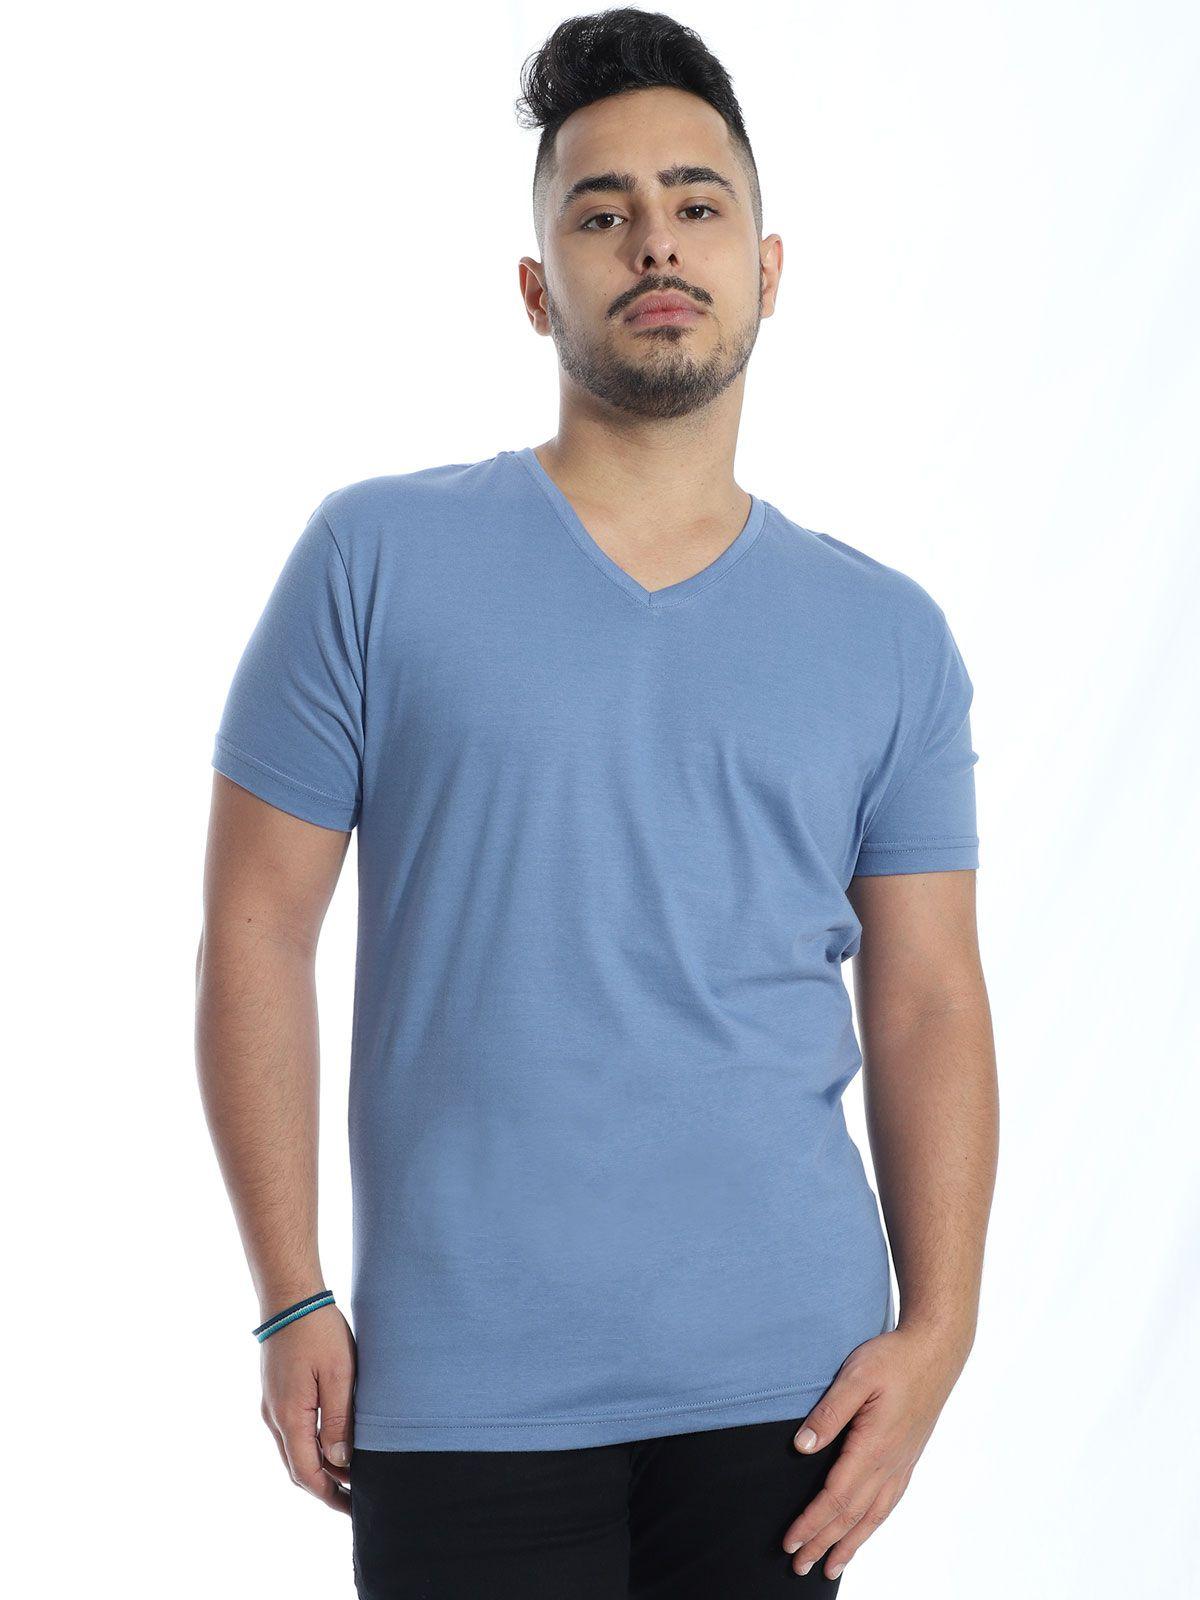 Camiseta Masculina Decote V. Algodão Slim Fit Lisa Indigo